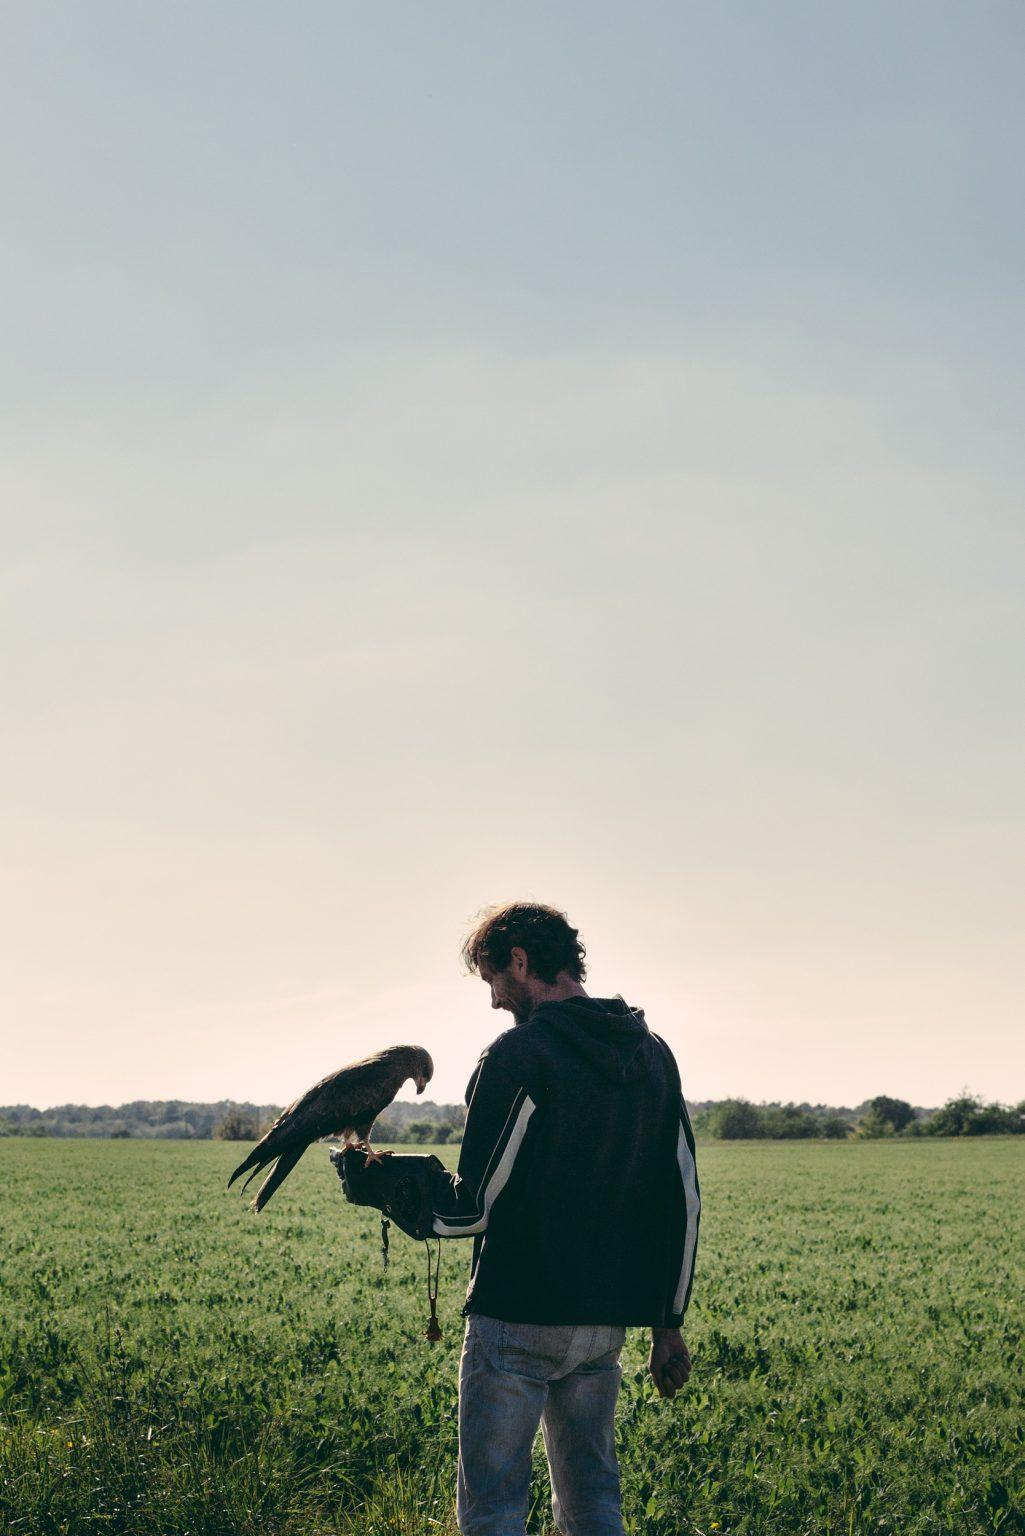 Bonneuil-Matours, France, May 2017 - La Maison Neuve.Tristan Plot with the black kite Elypse. ><  Bonneuil-Matours,, Francia, maggio 2017 - La Maison Neuve. Tristan Plot con il nibbio nero Elypse.*** SPECIAL   FEE   APPLIES *** *** Local Caption *** 01489341